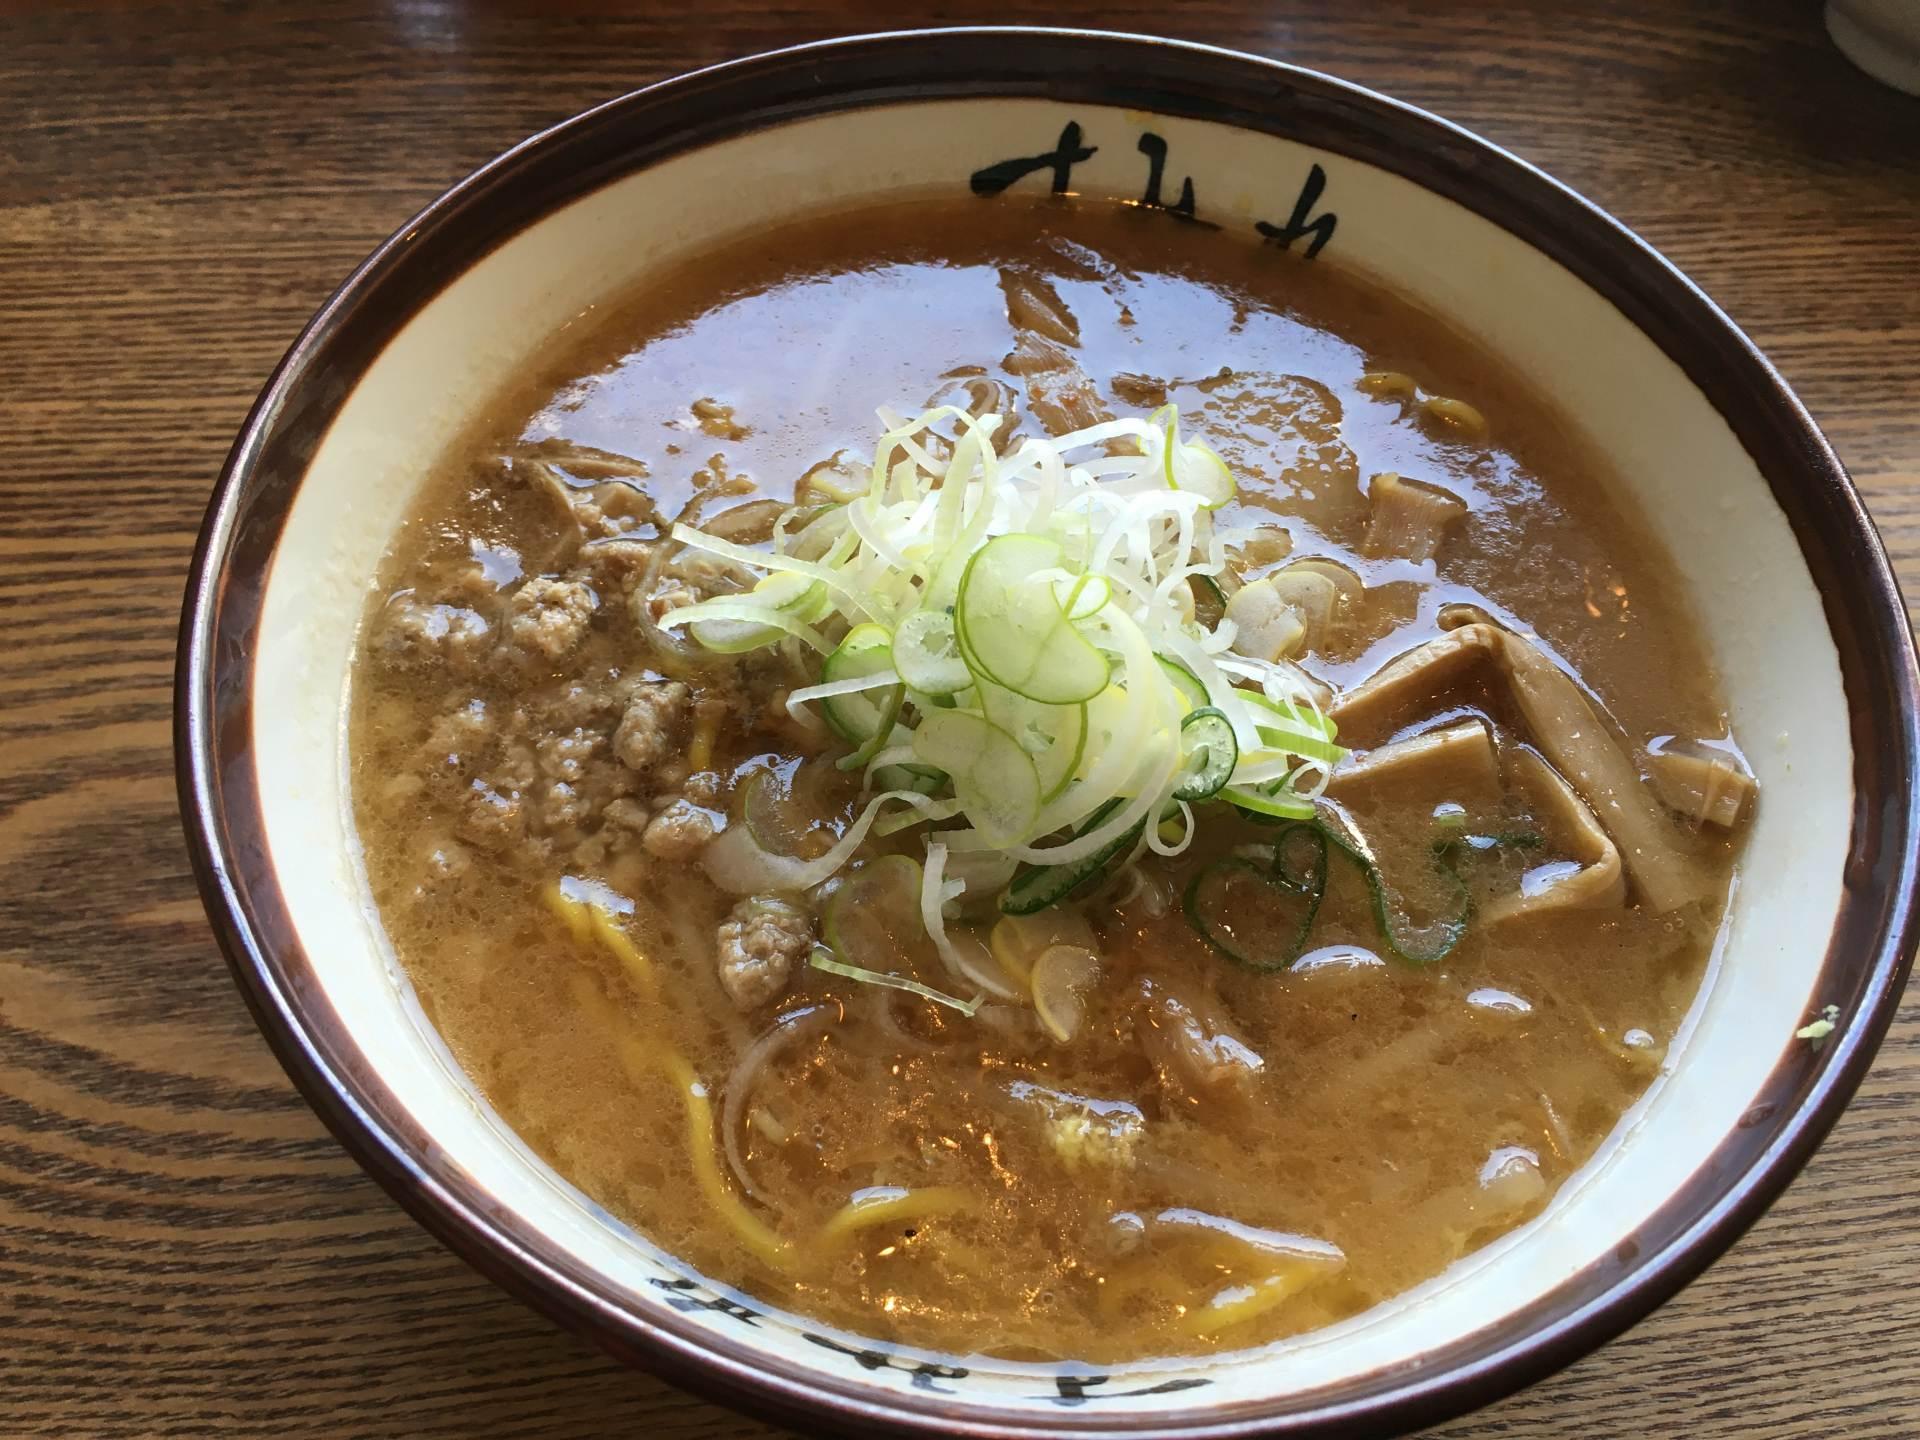 「すみれ 札幌本店」招牌拉麵:味噌拉麵(870日圓)